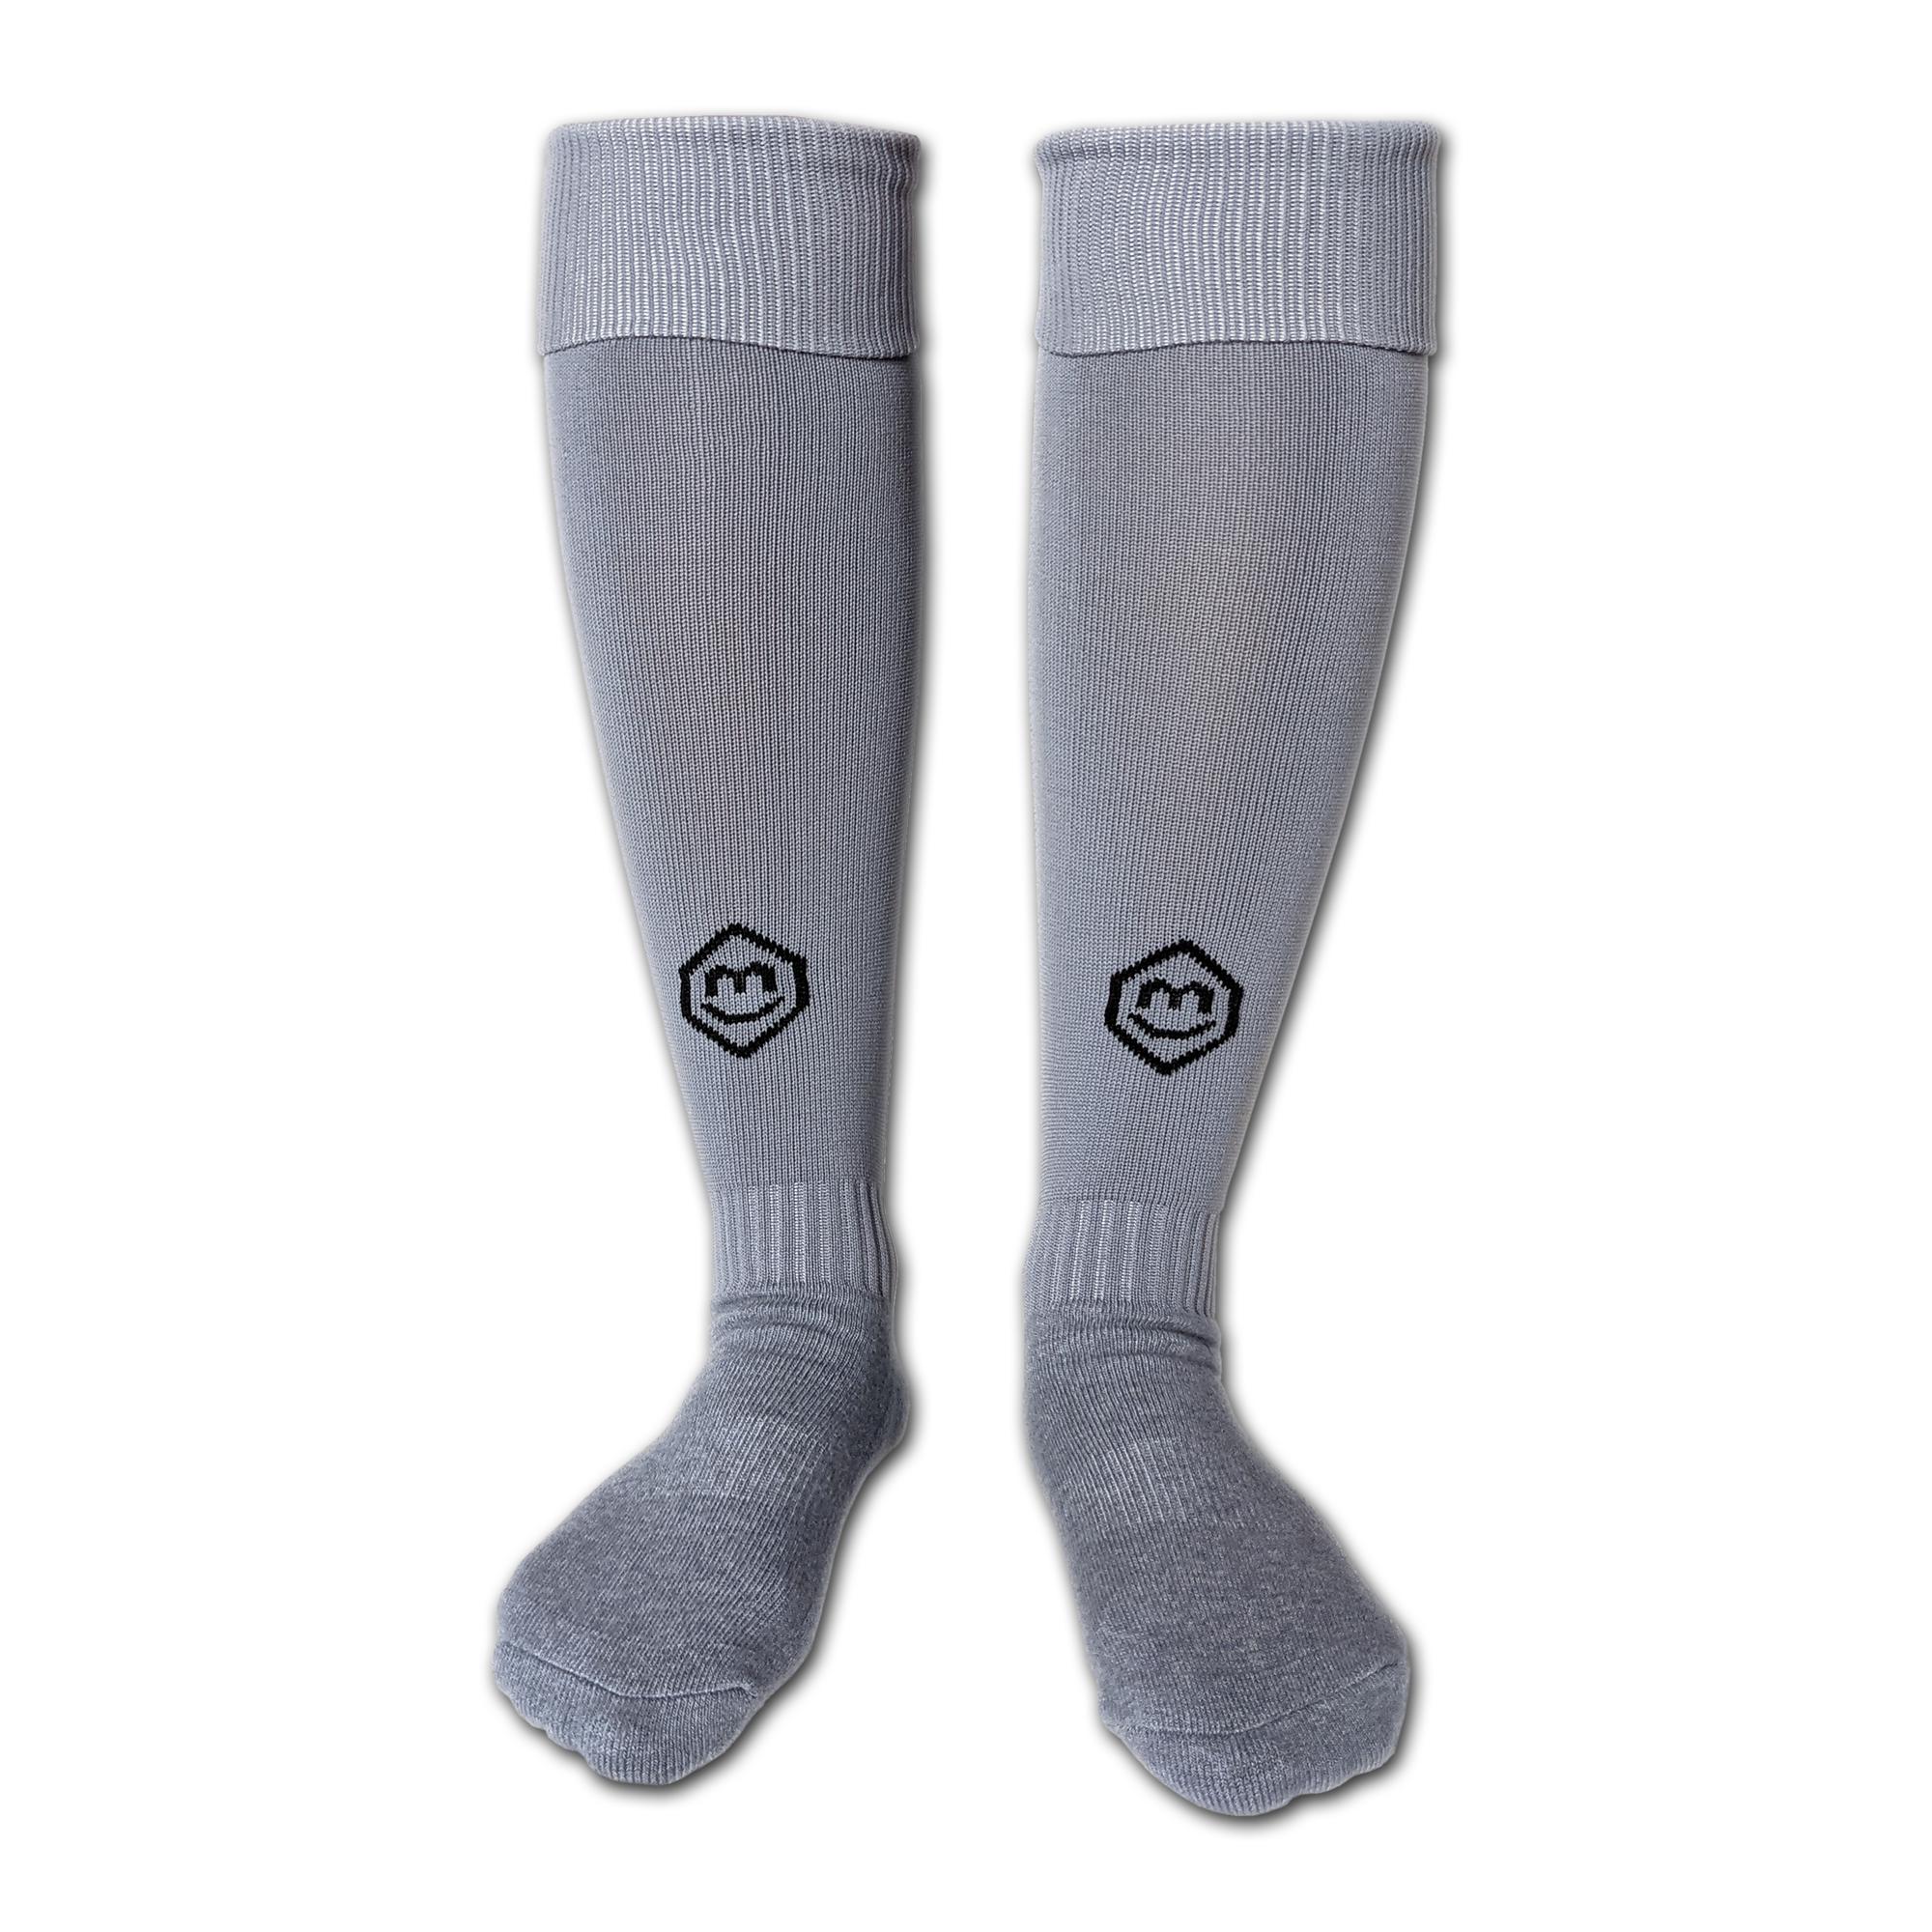 Fußballsutzen / Fußball Socken in grau (Vorderansicht)